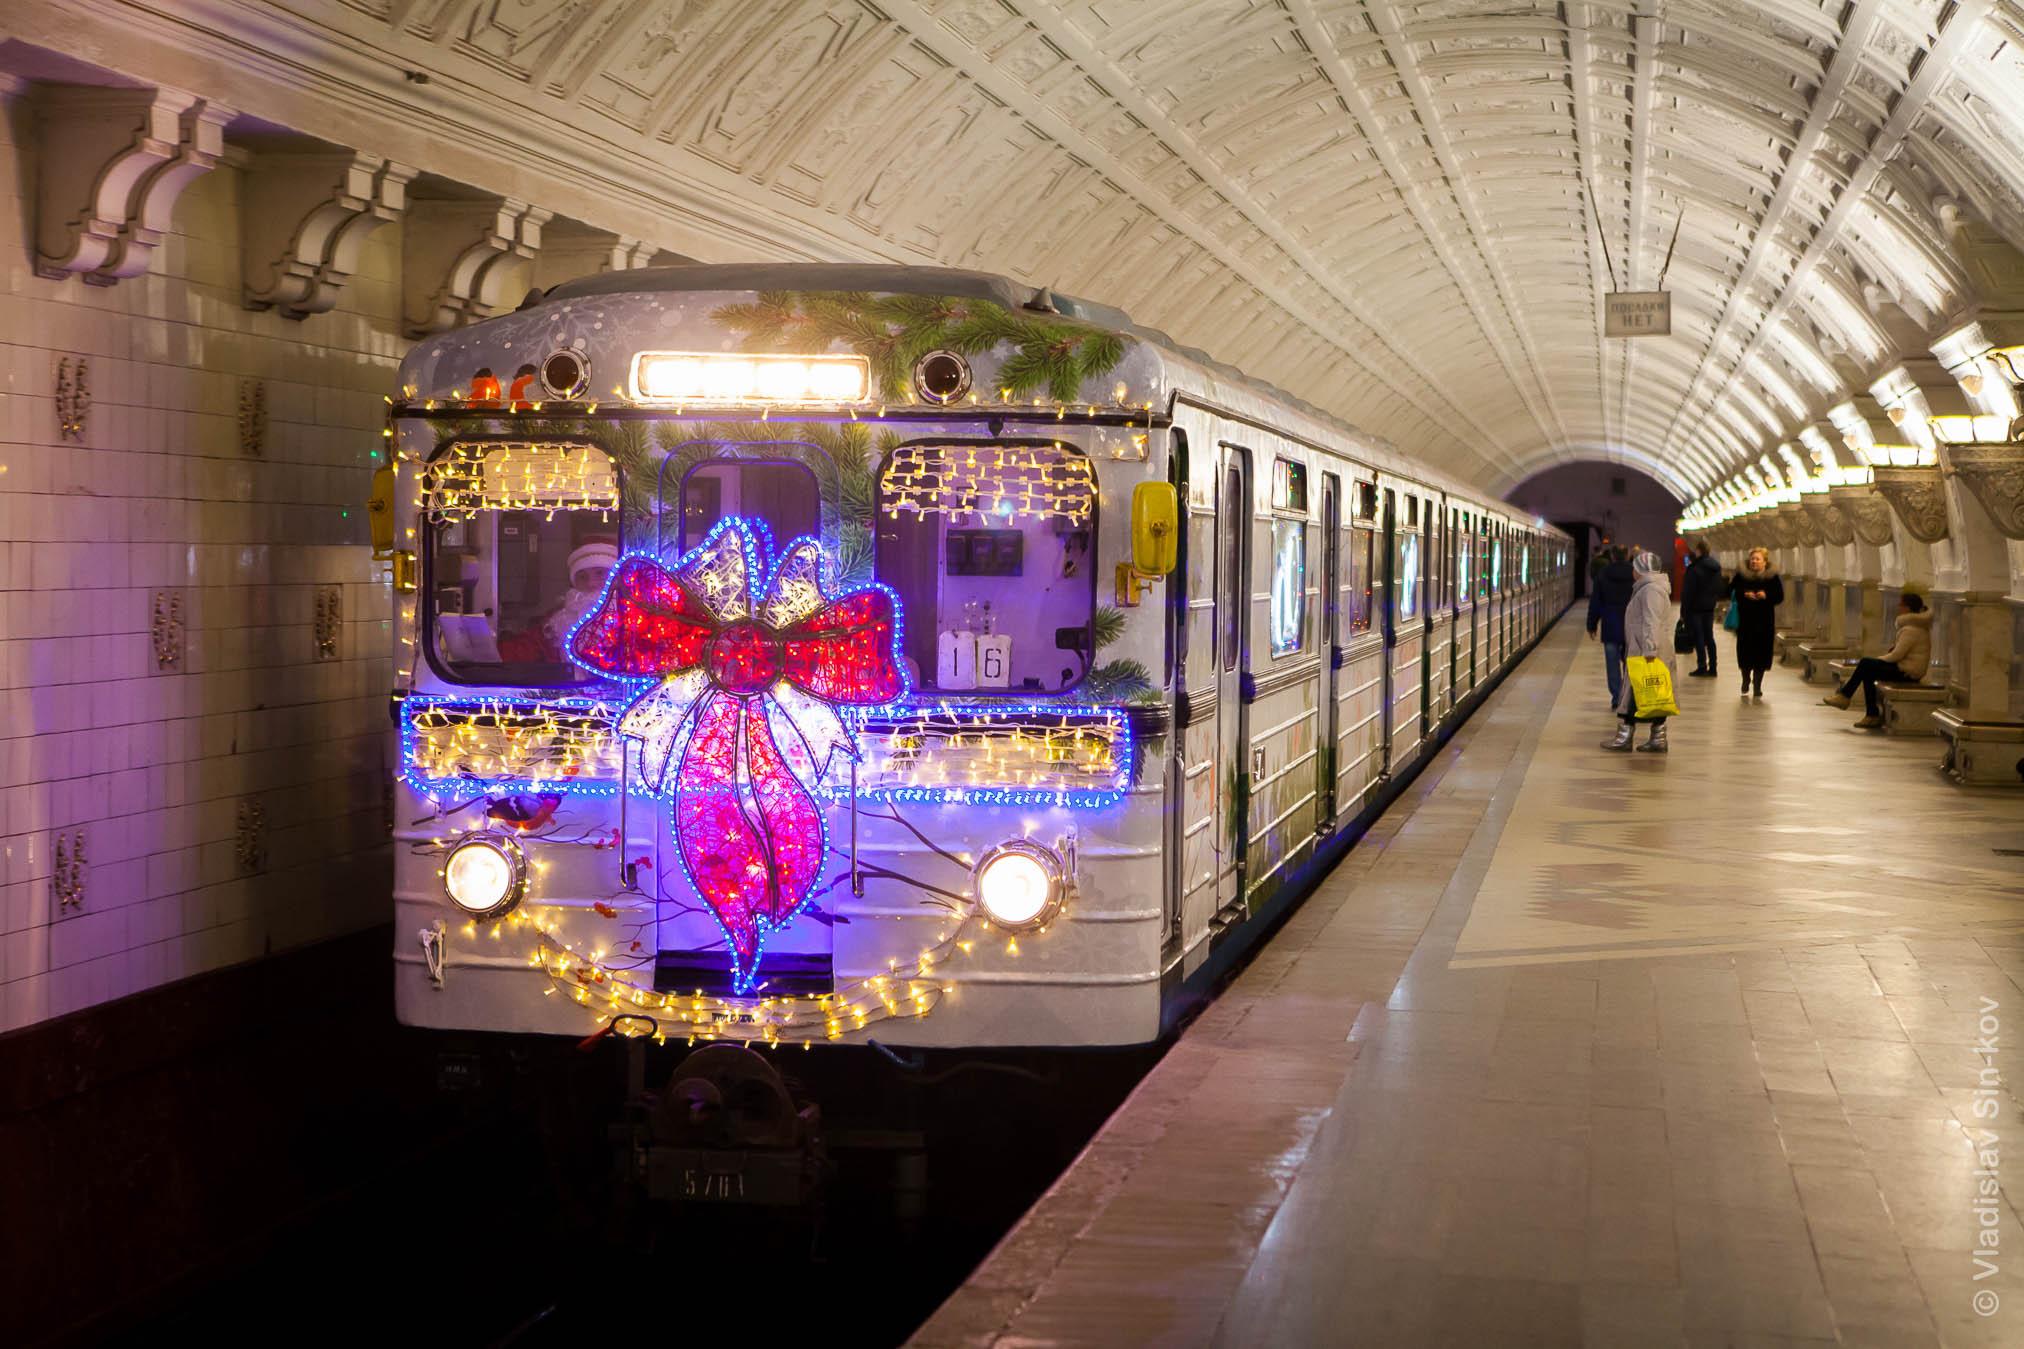 нашей новогодний вагон в метро фото страницах